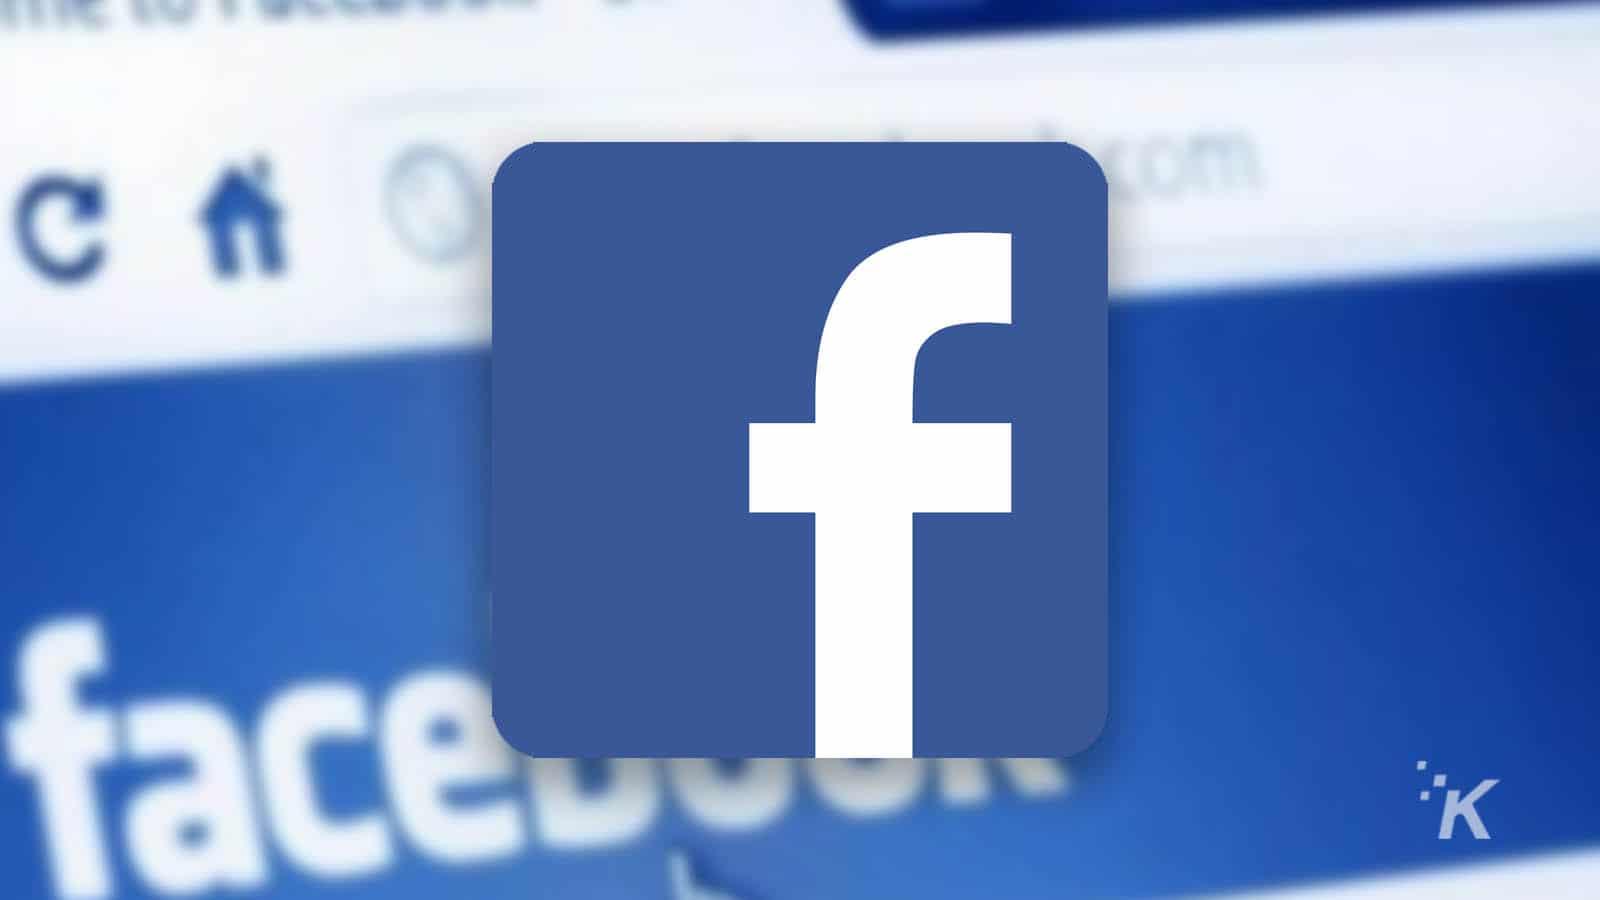 Mua fanpage Facebook giá rẻ, Bán trang Facebook uy tín - Siêu Marketing